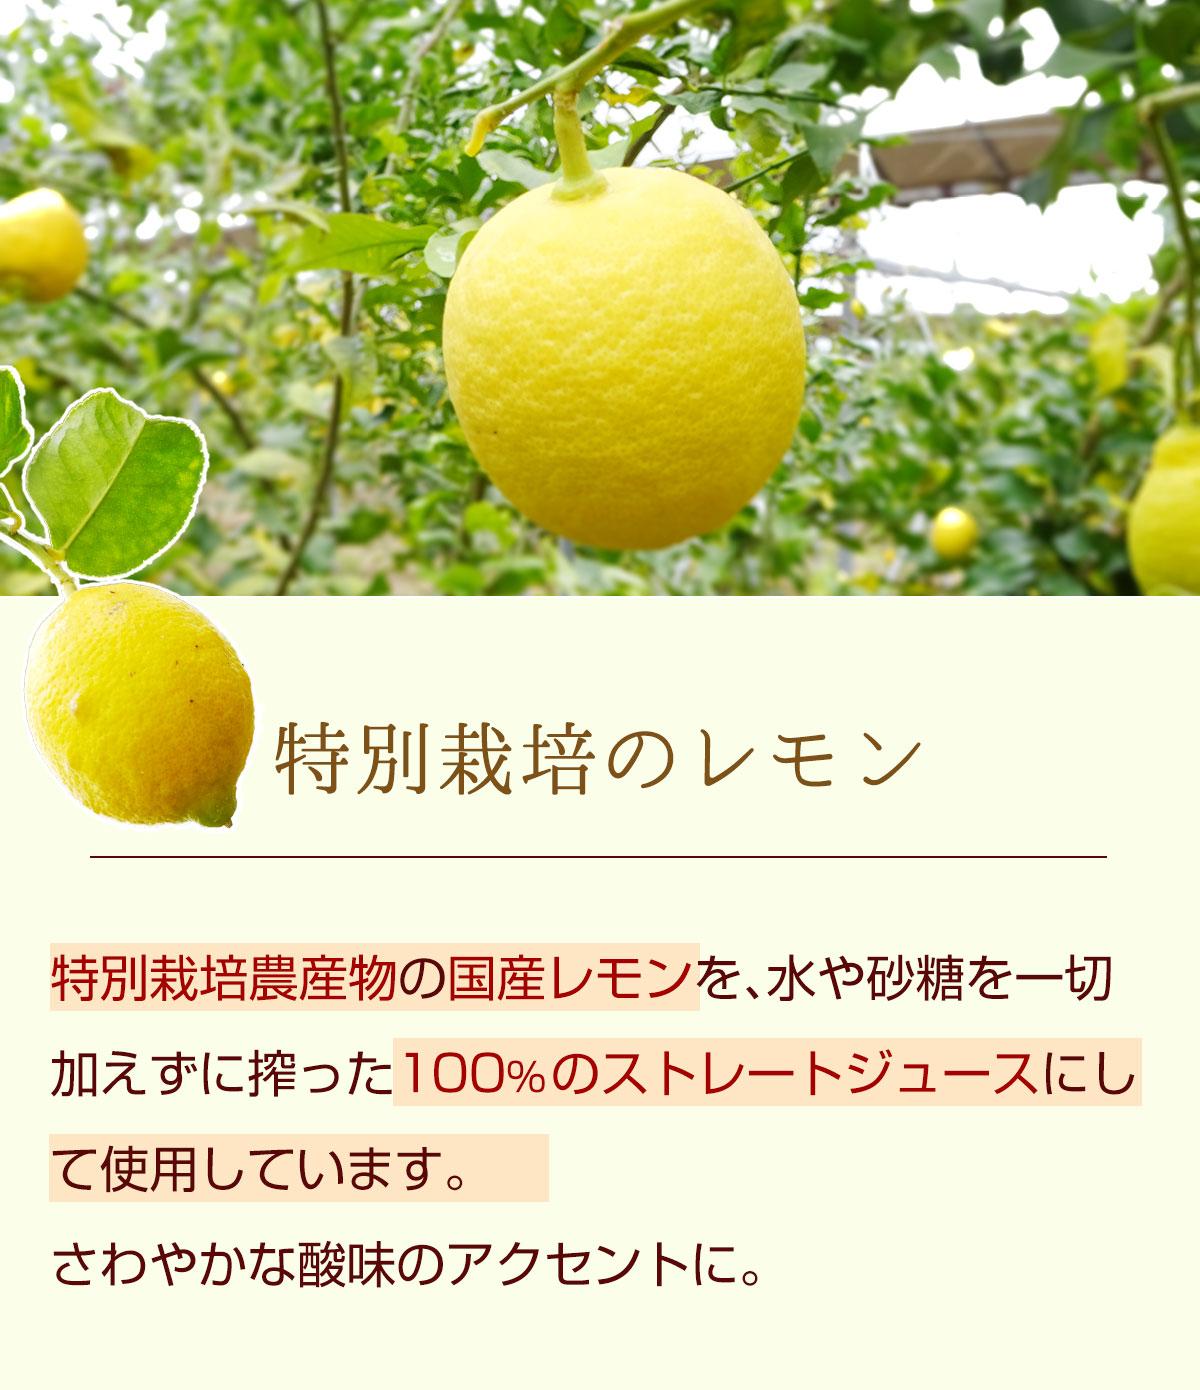 特別栽培のレモン